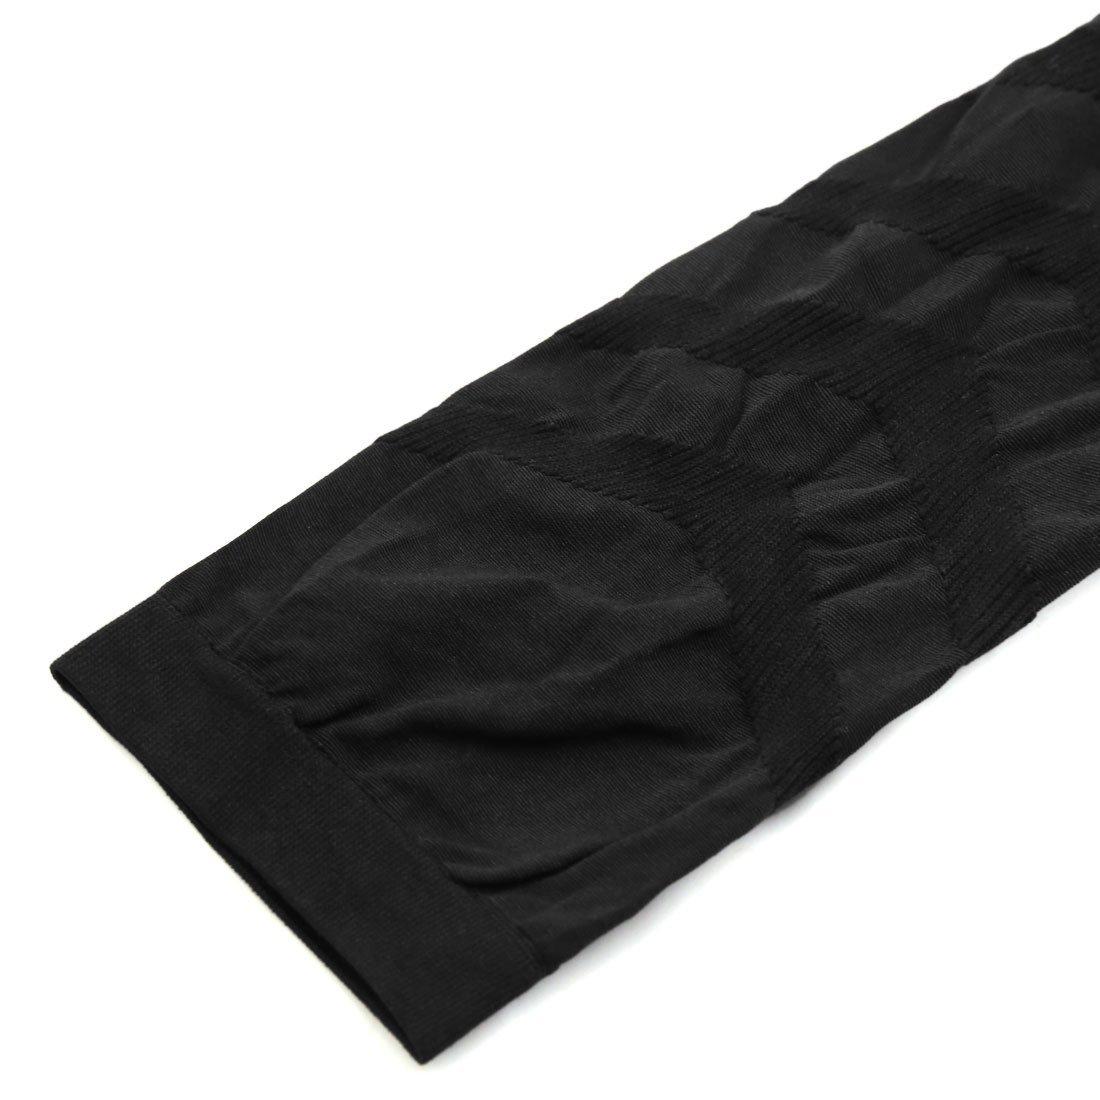 eDealMax Taille Haute Taille Cadrage Stretchy Jambes Mise en Forme de nuit Leggings amincissants Pour les Dames